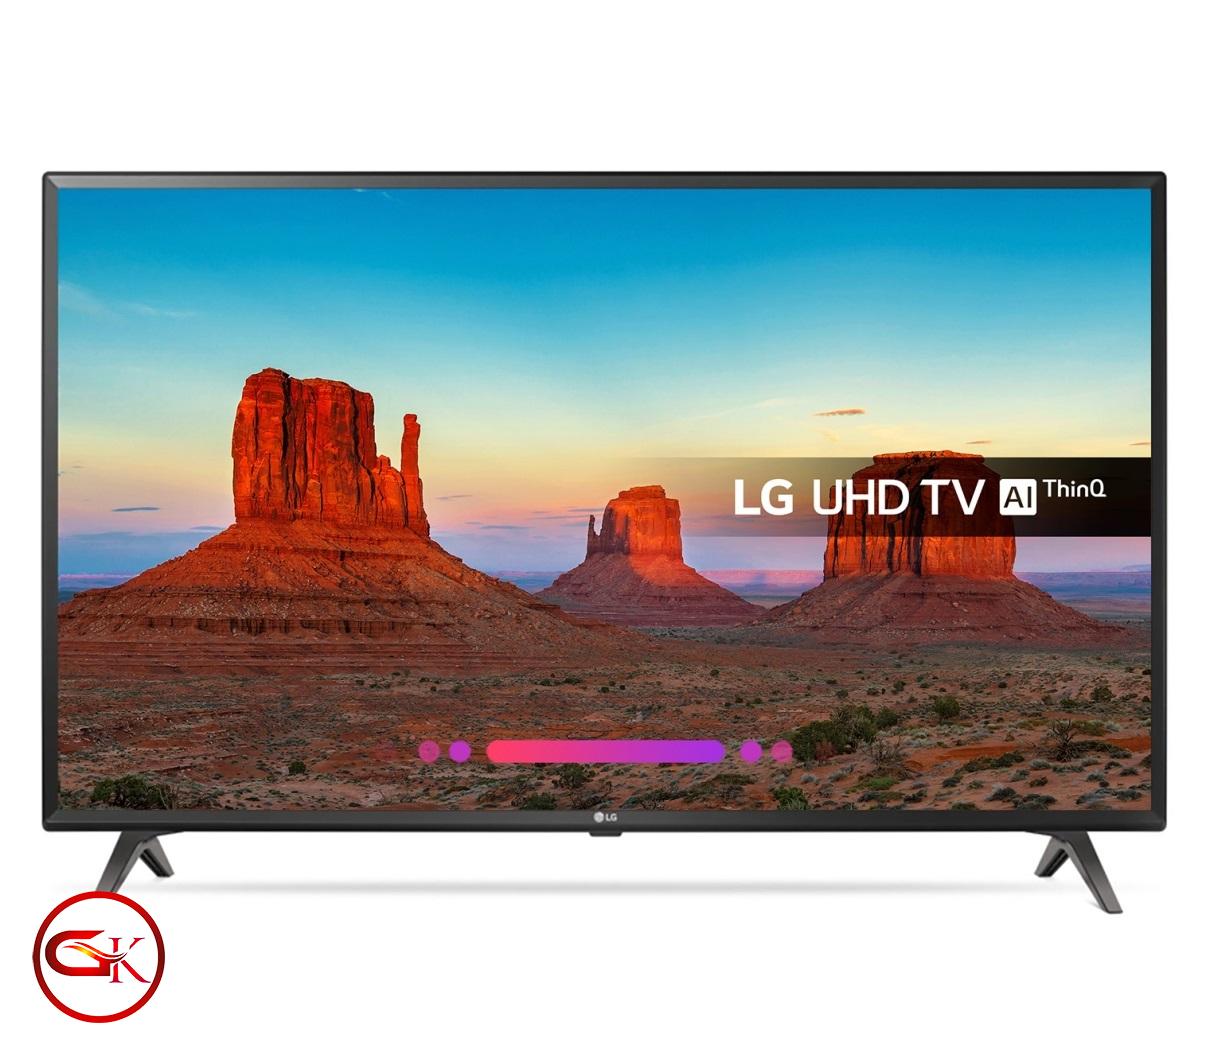 تلوزیون ال جی 43 اینچ مدل 6300 TV LG با کیفیت 4K